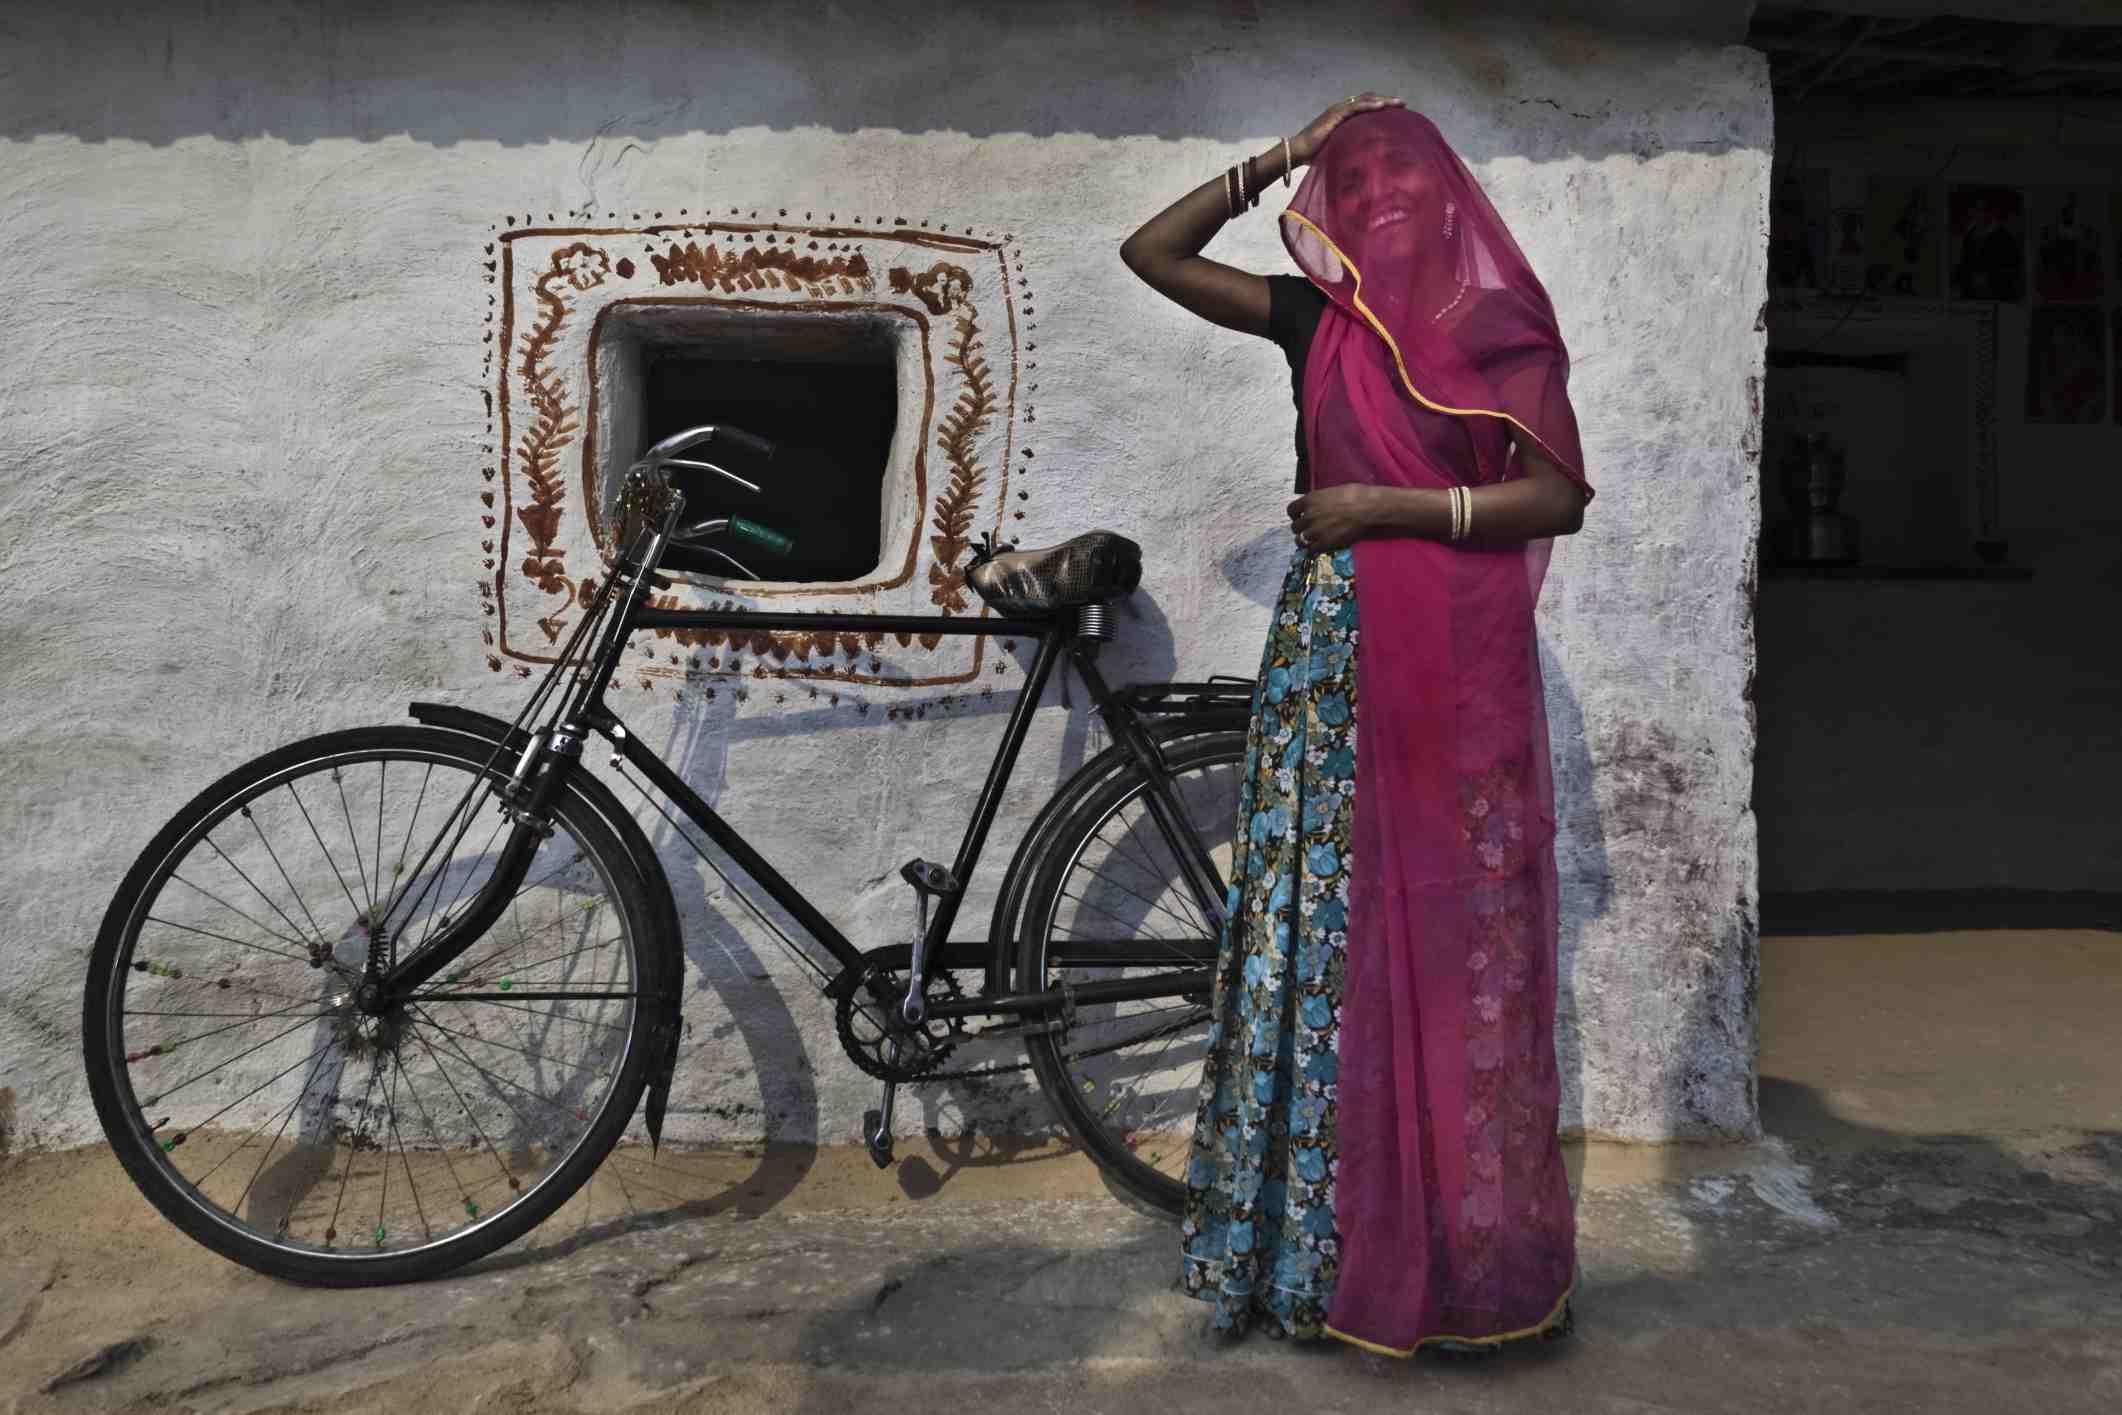 Bicicleta Rajasthan